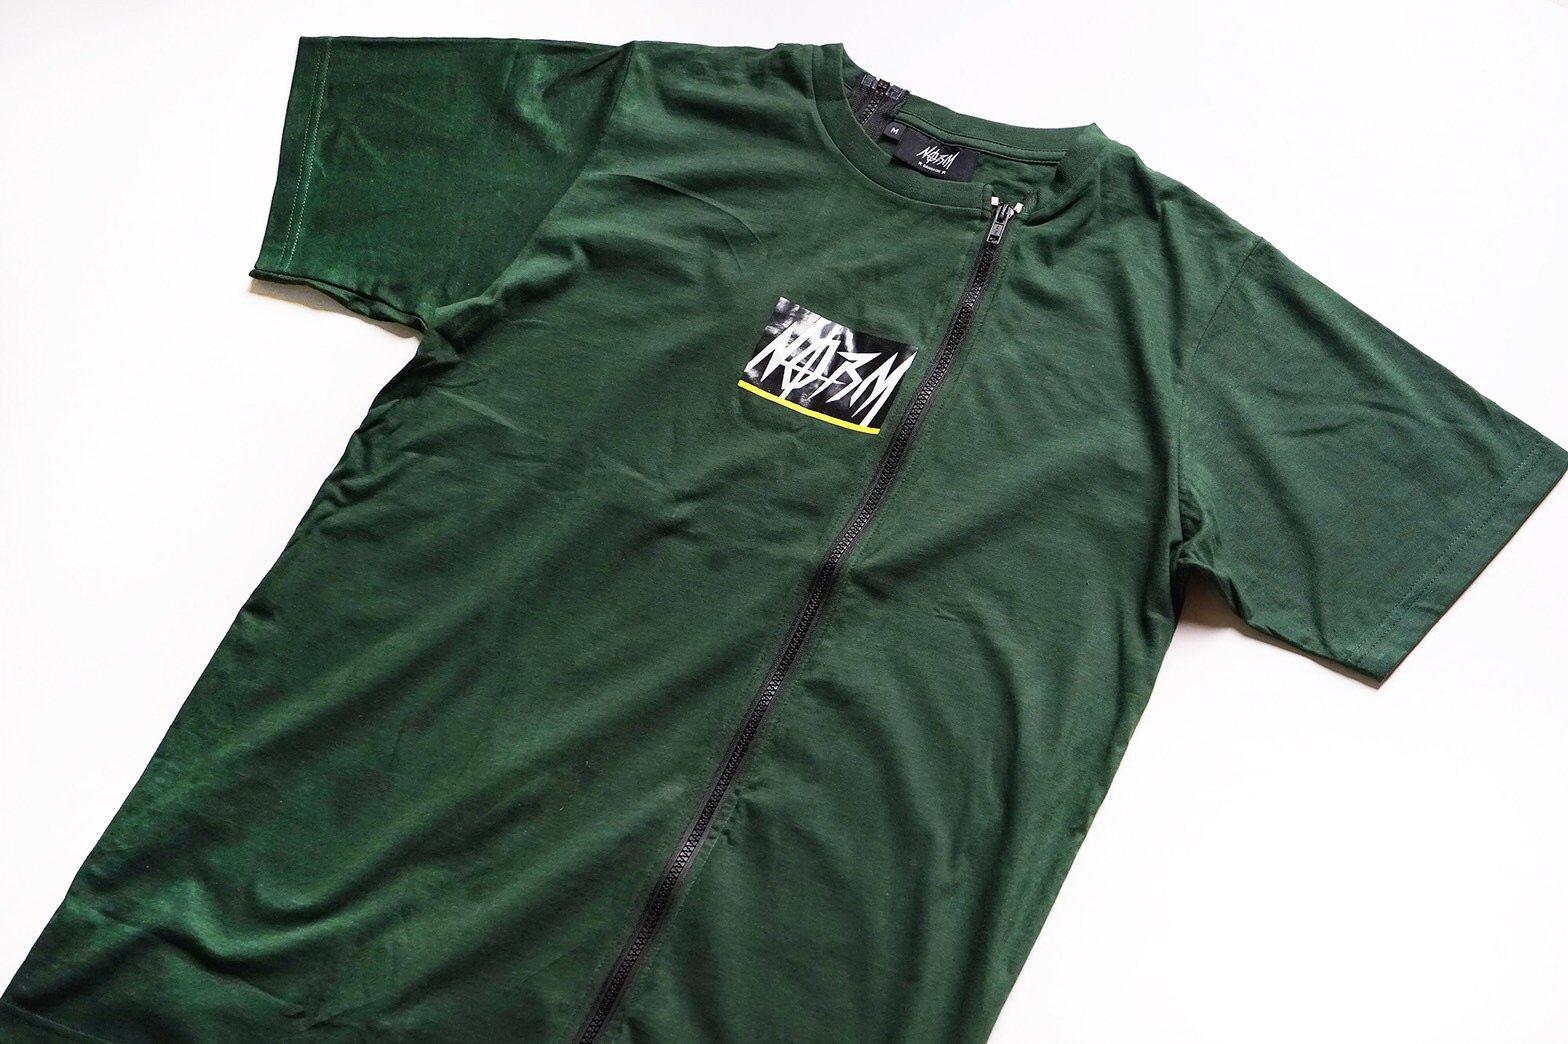 Traxx green